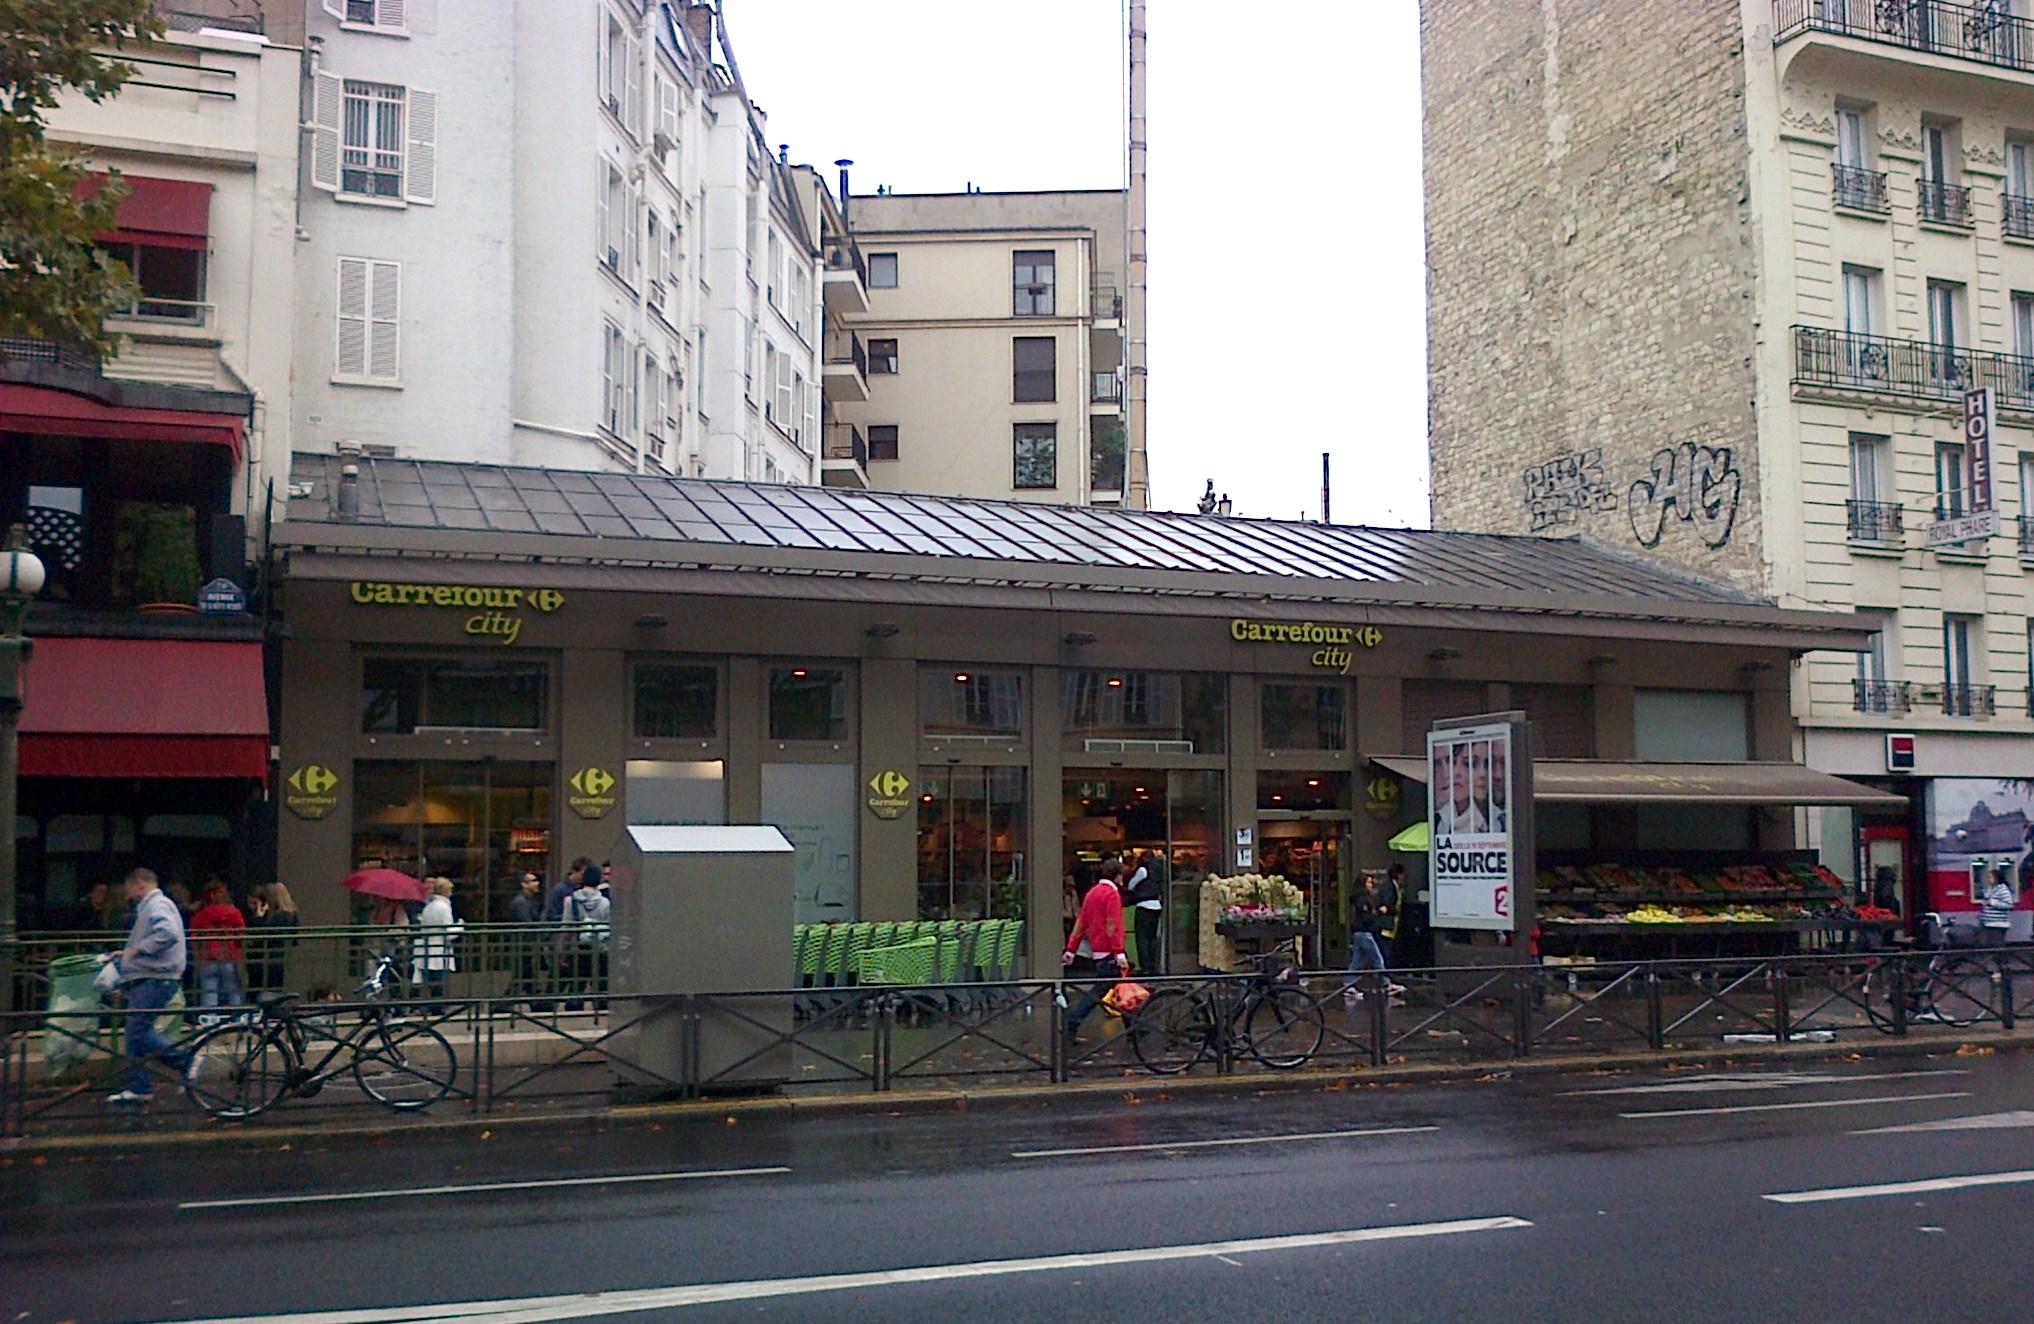 img-20130914-00236 Avenue de La Motte-Piquet